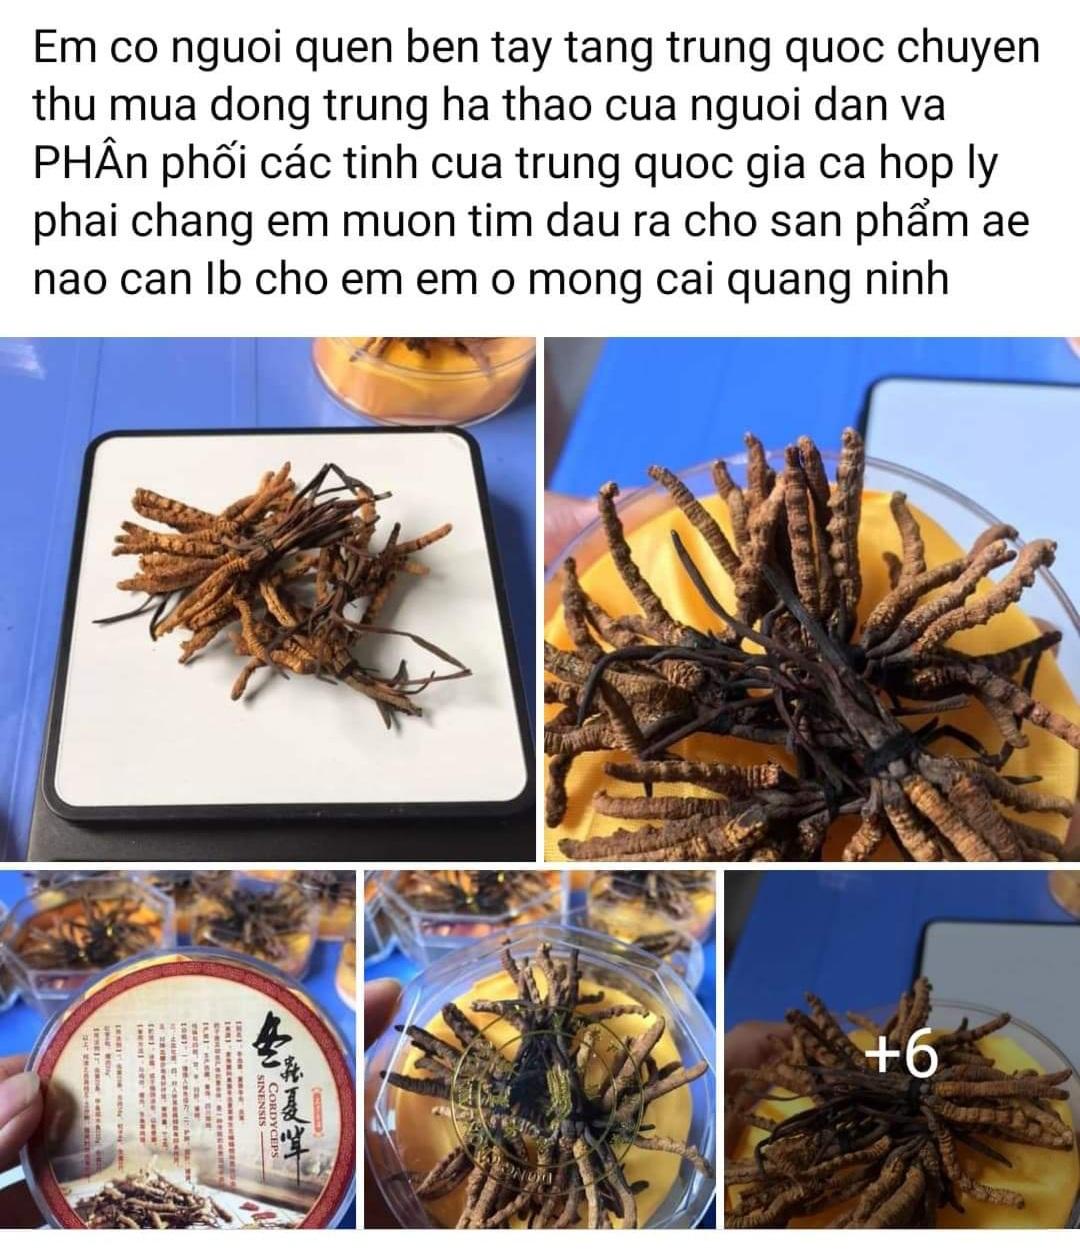 thi-truong-dong-trung-ha-thao-no-ro-loan-gia-loan-chat-luong